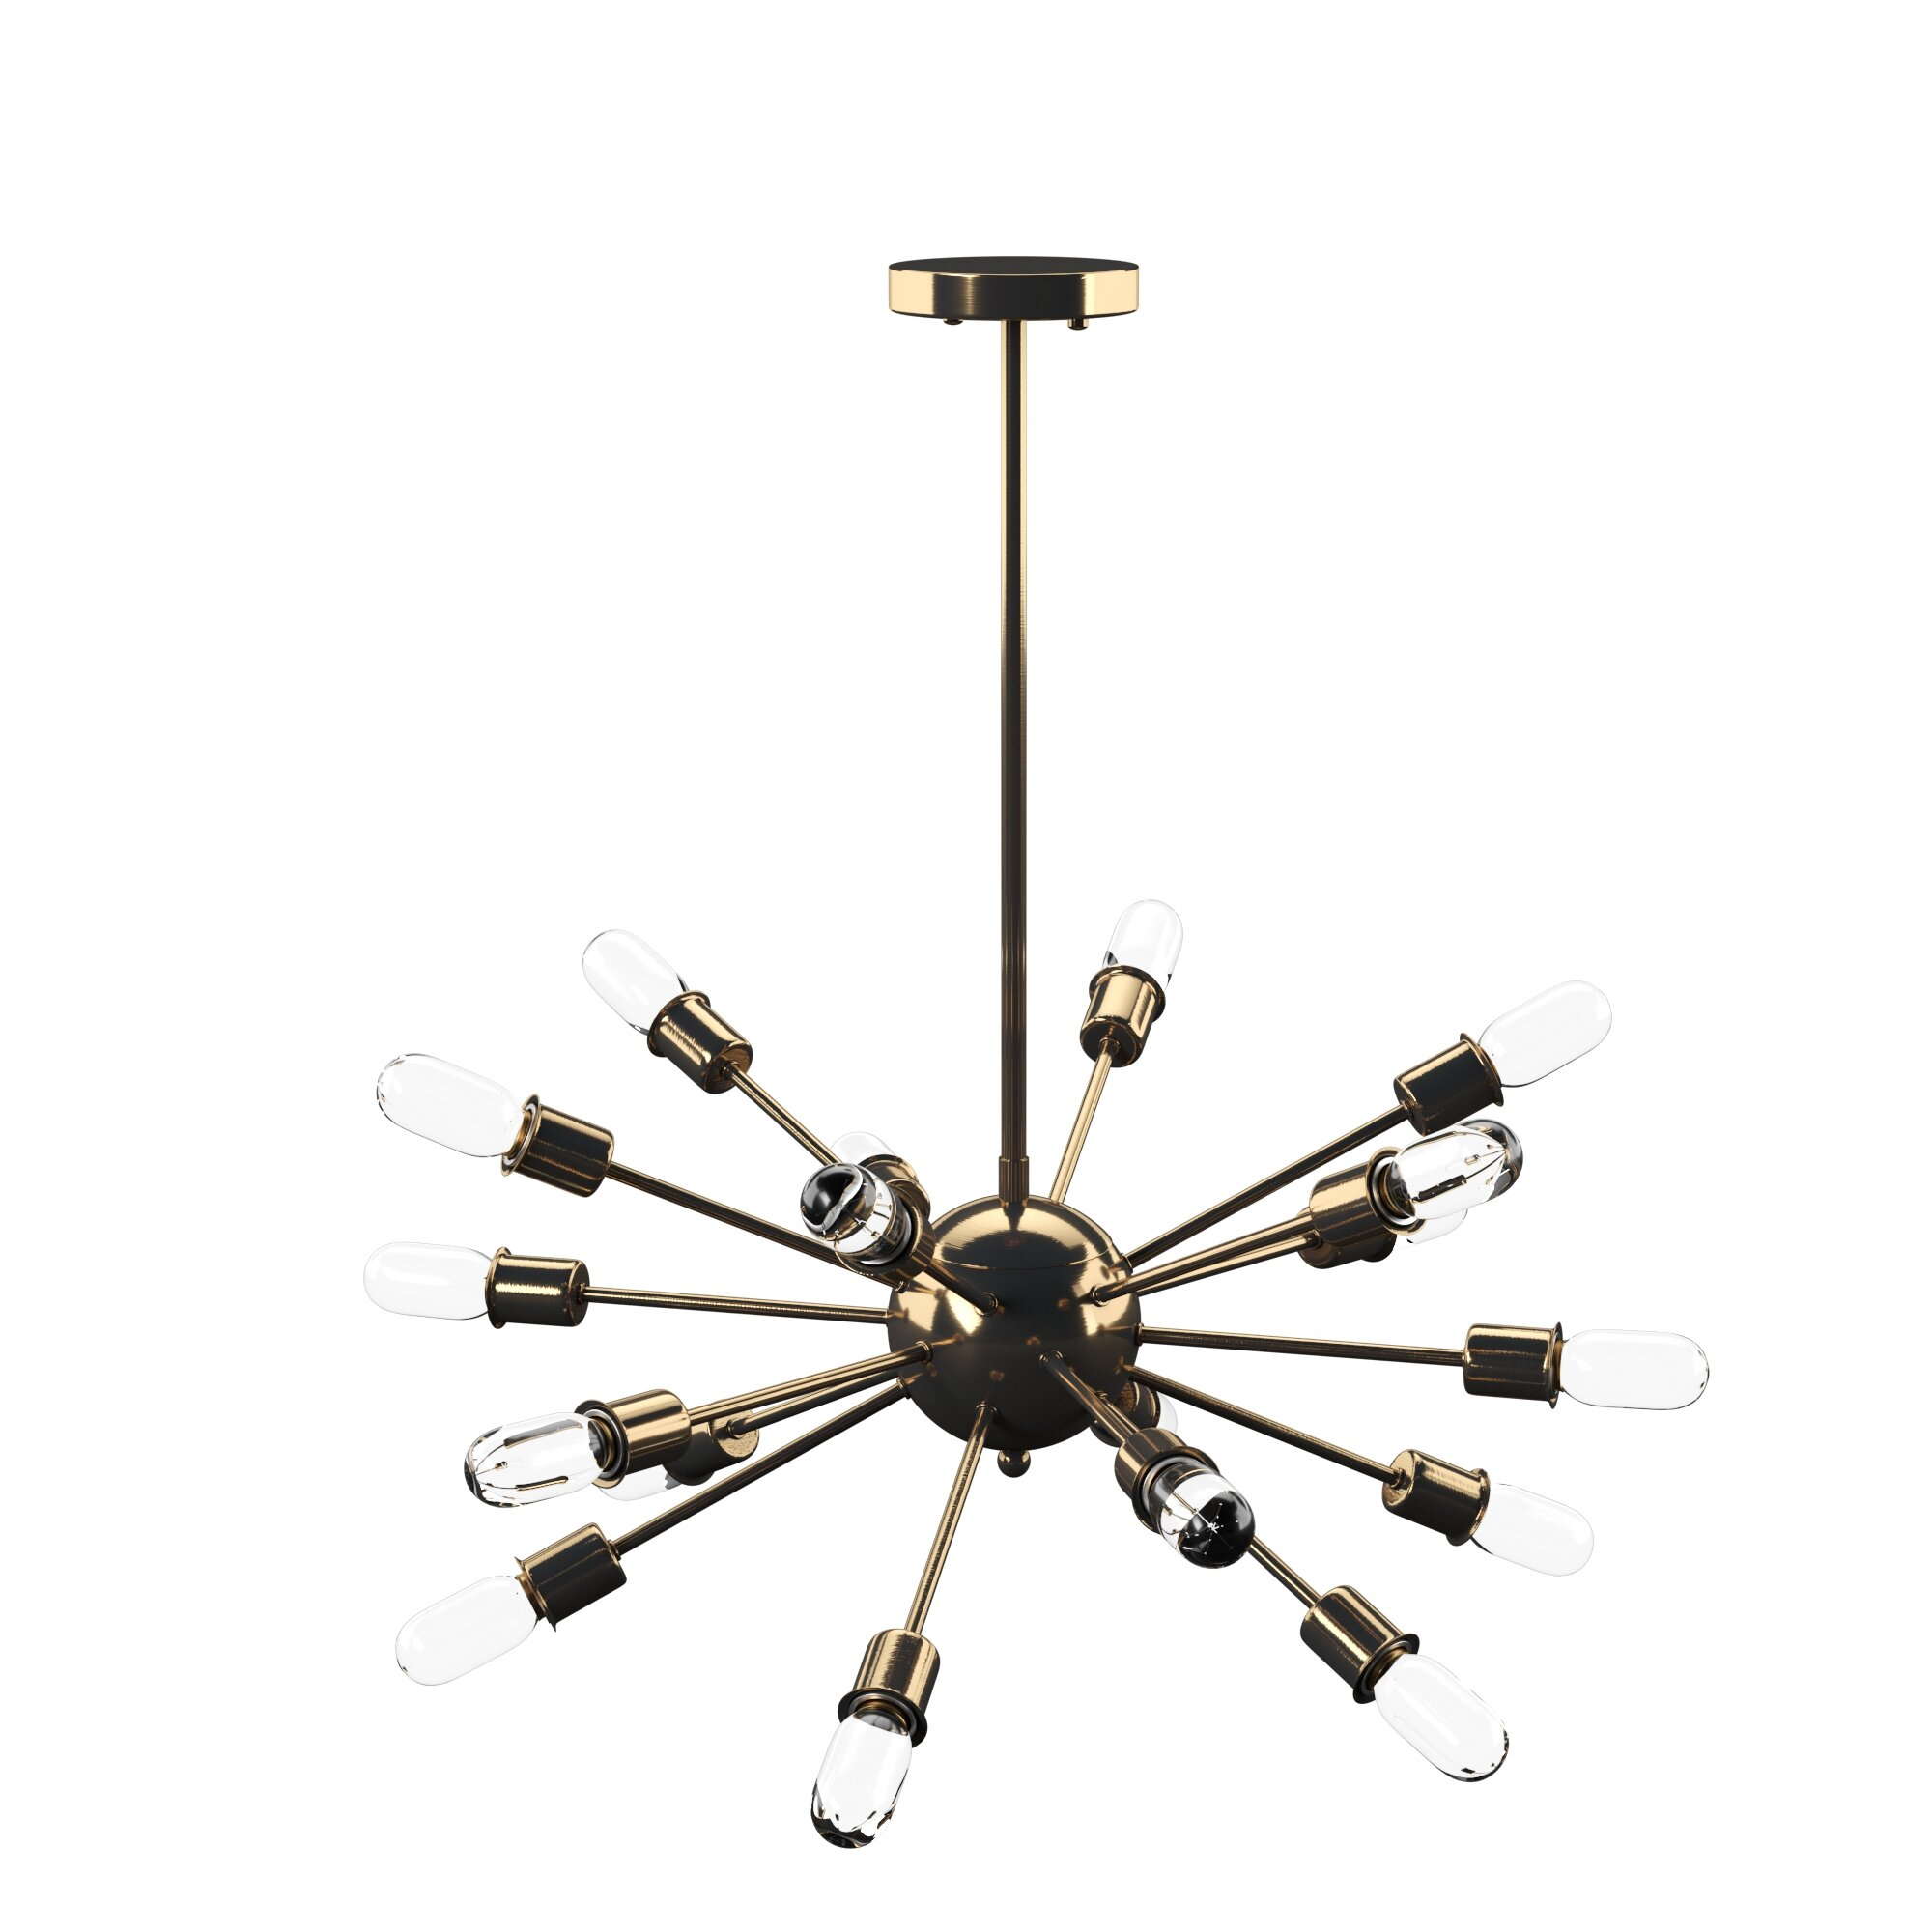 Defreitas 18 Light Sputnik Chandelier Regarding Defreitas 18 Light Sputnik Chandeliers (Gallery 1 of 30)